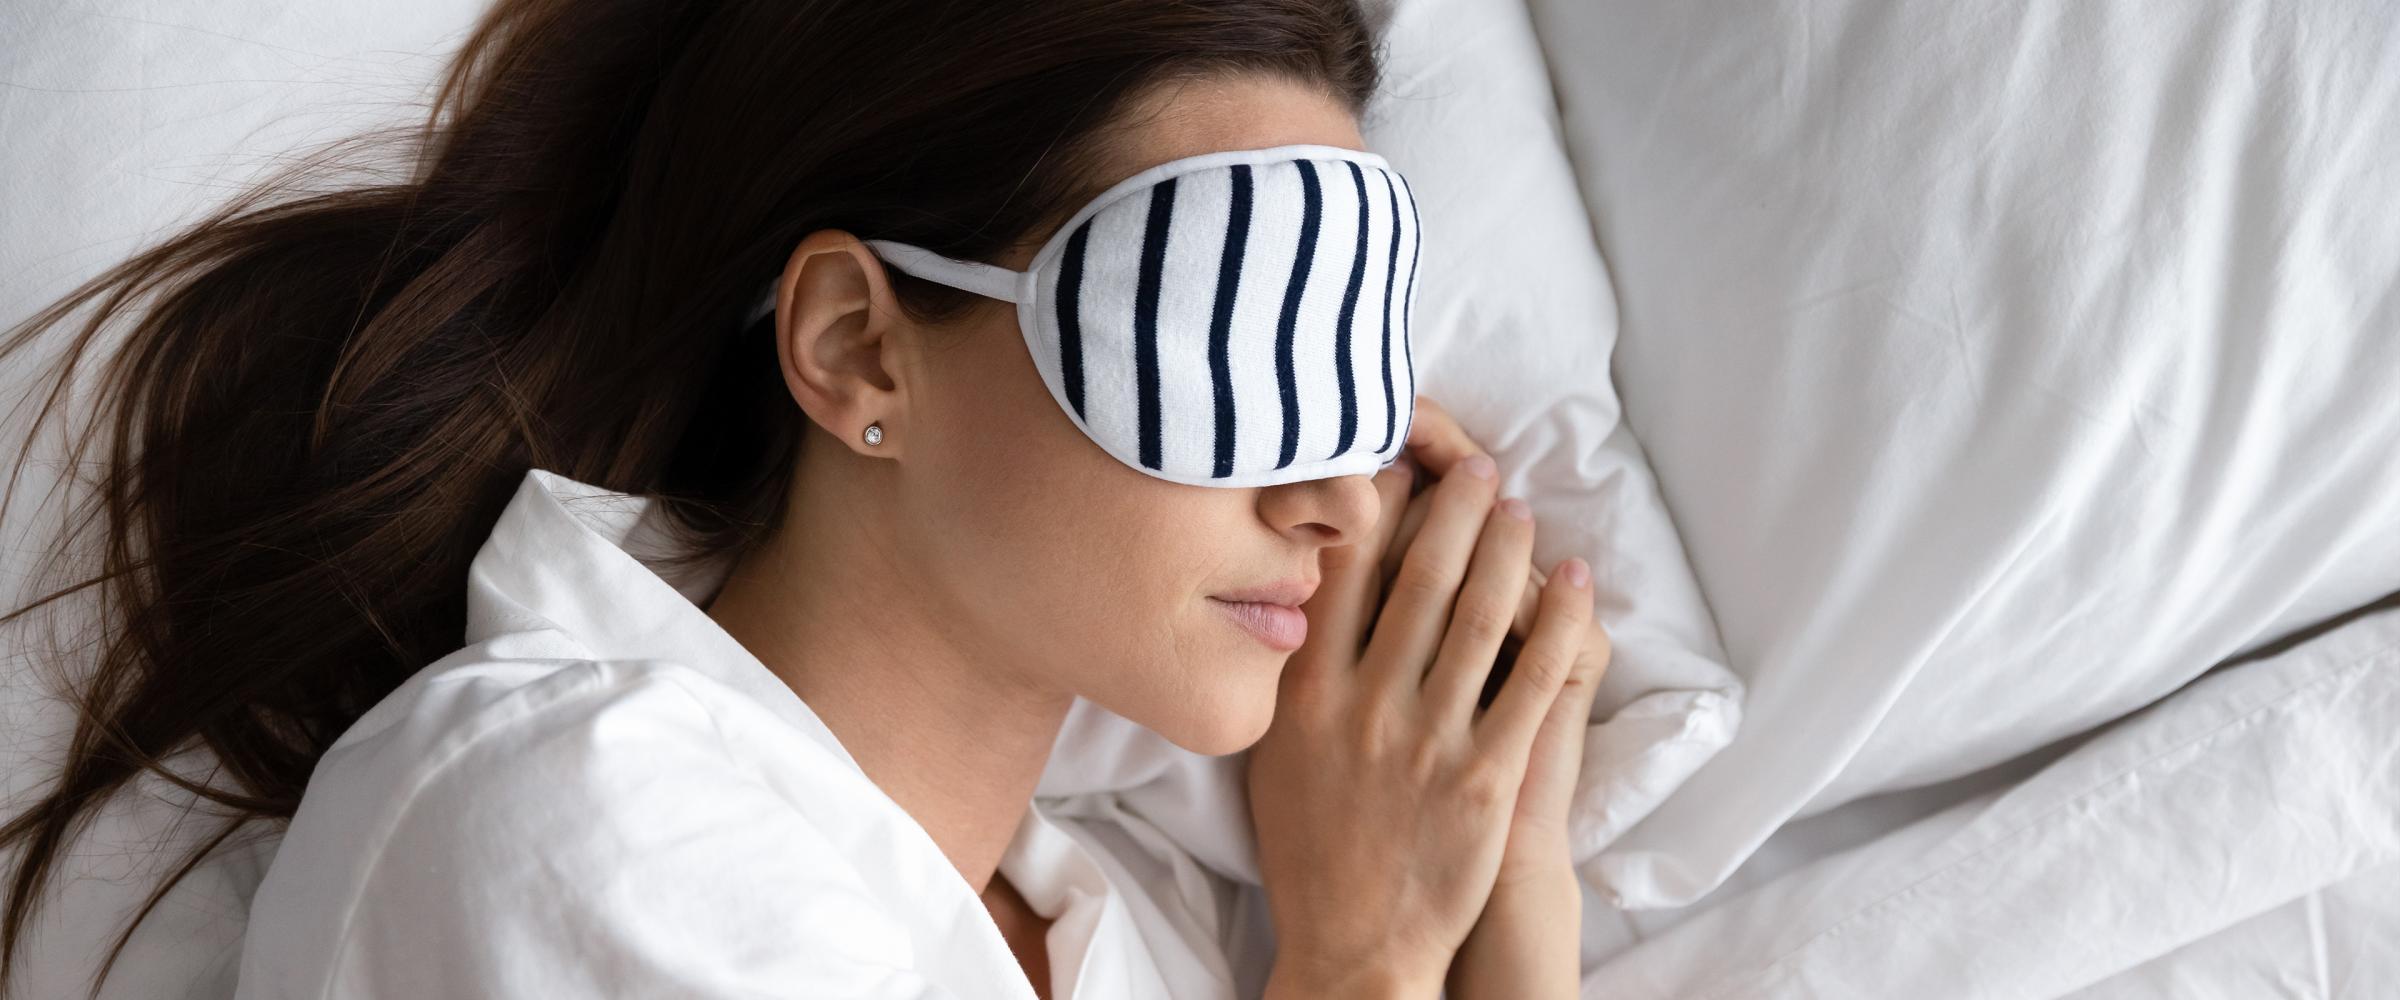 Ортопедическая подушка: важность при шейном остеохондрозе